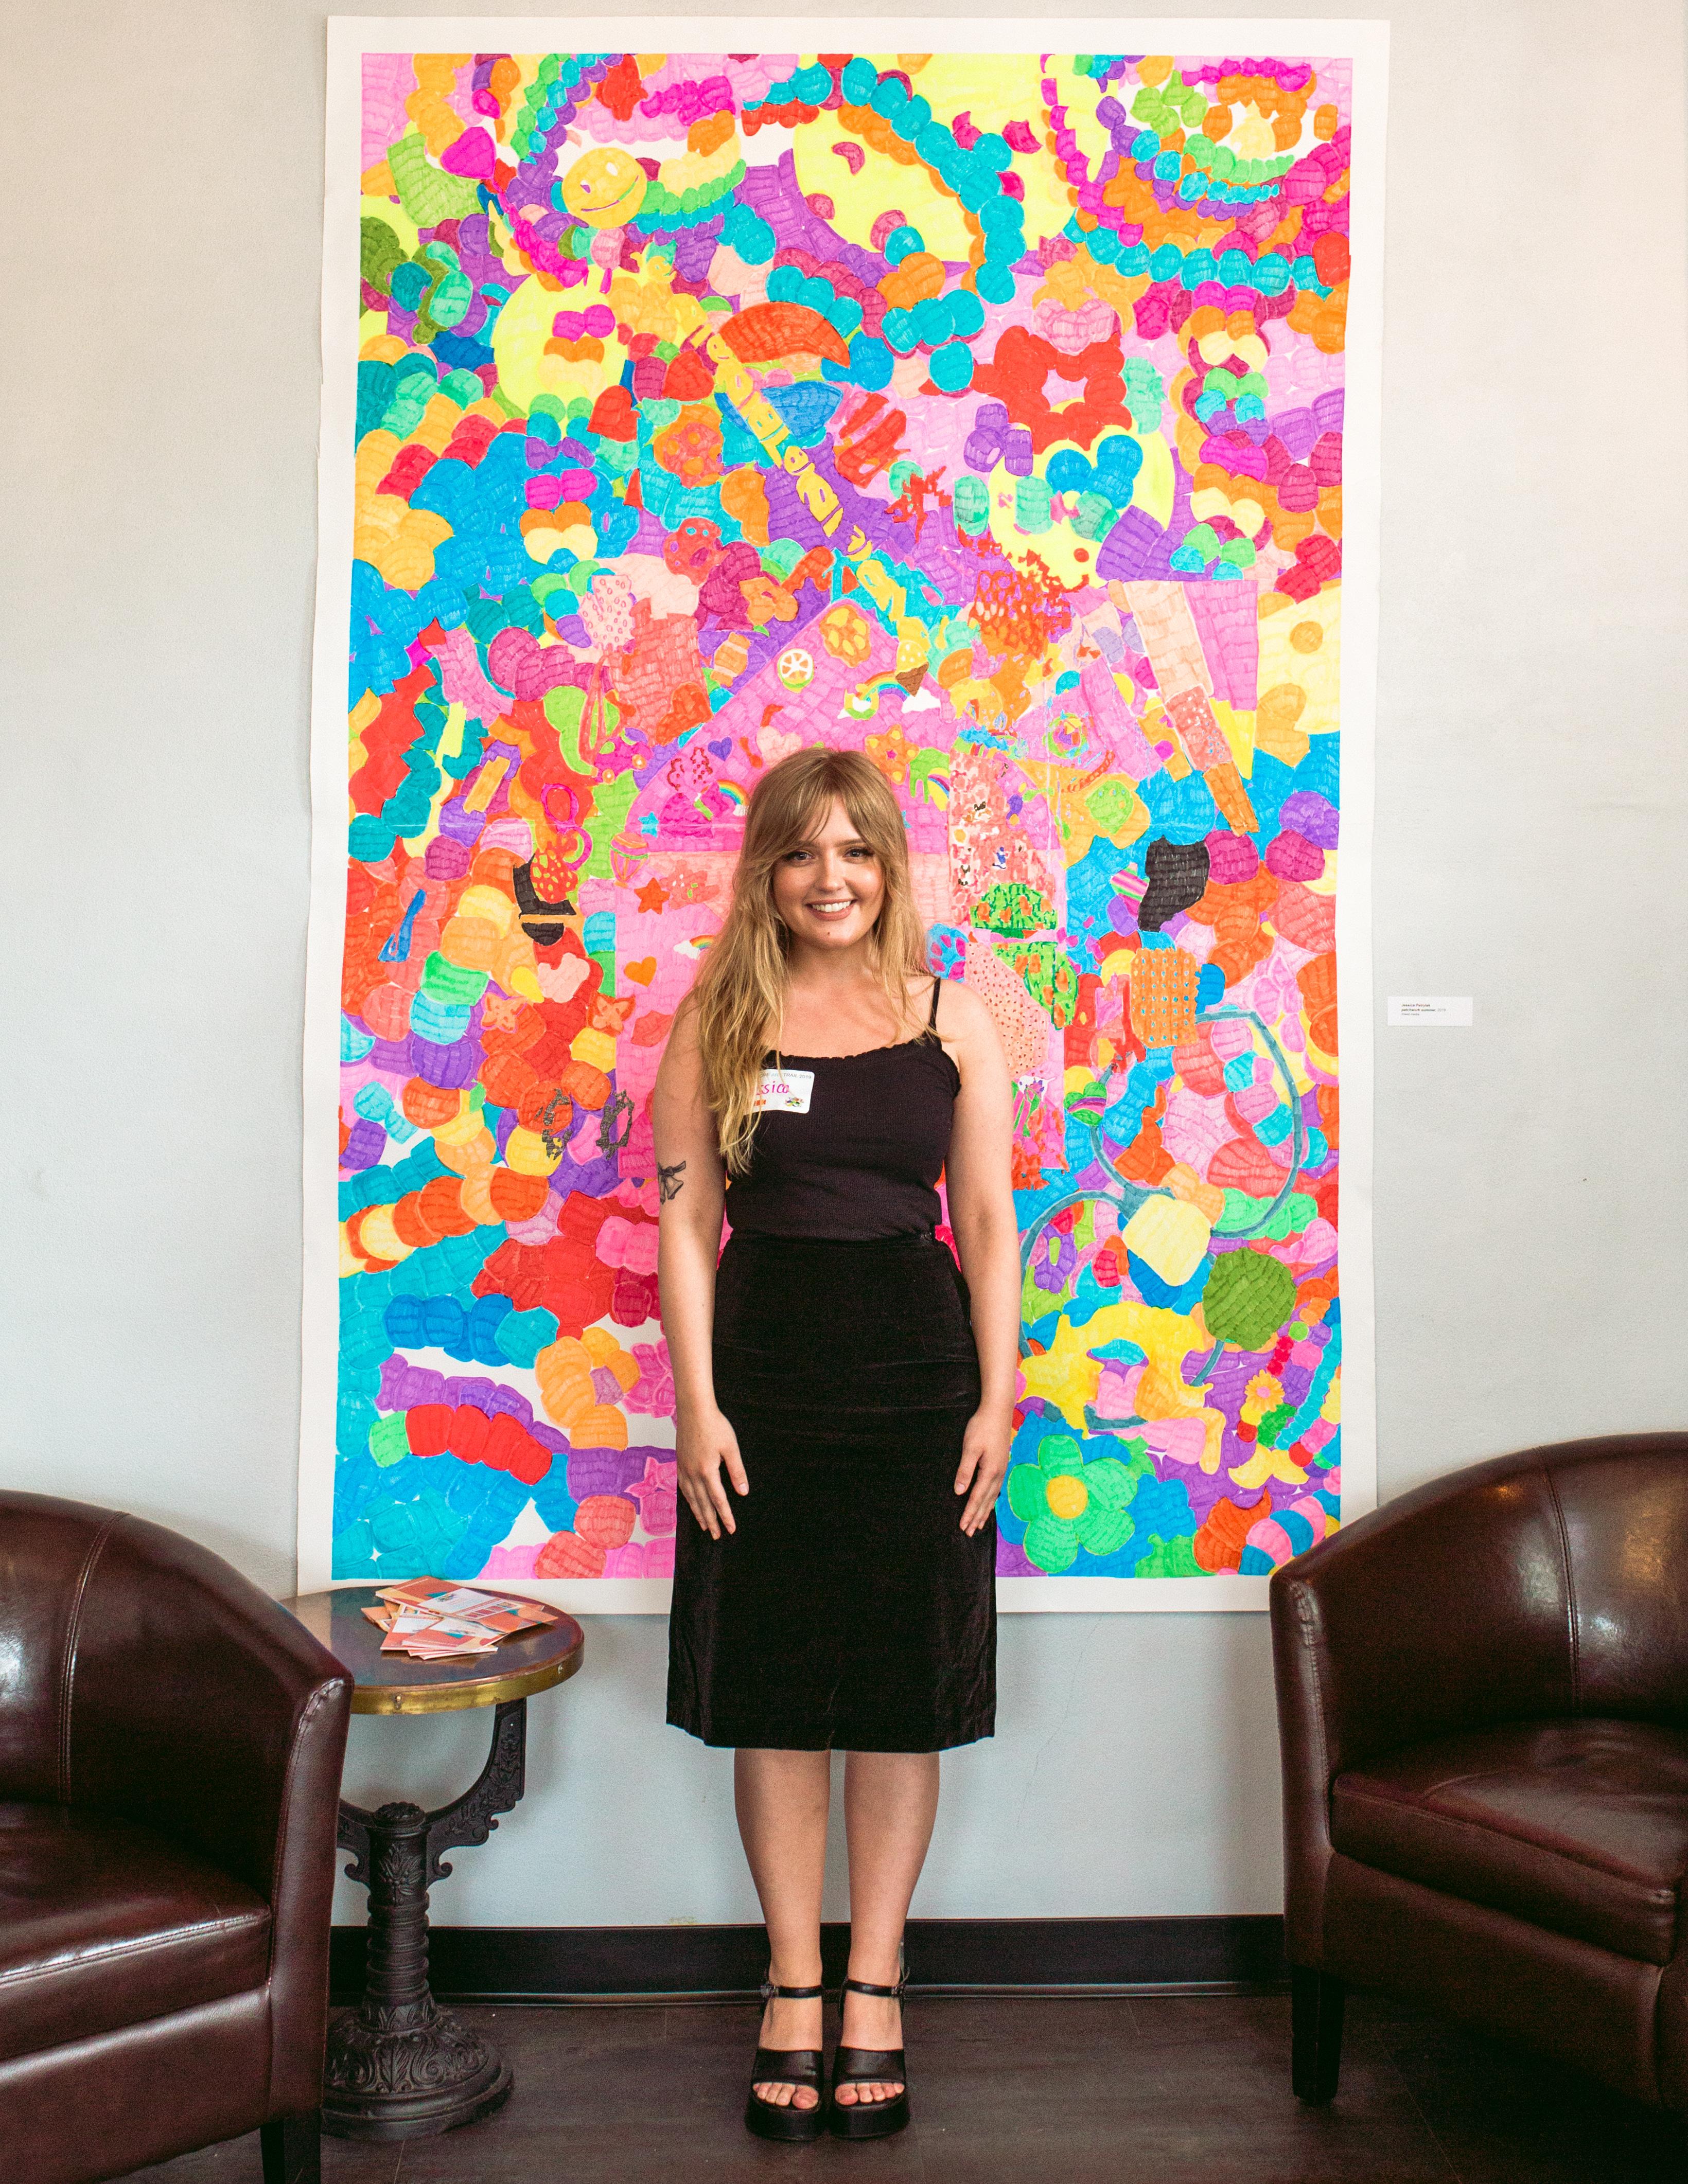 1f3eb471302 Broome Arts Trail | Art Event | Broome County Arts Council